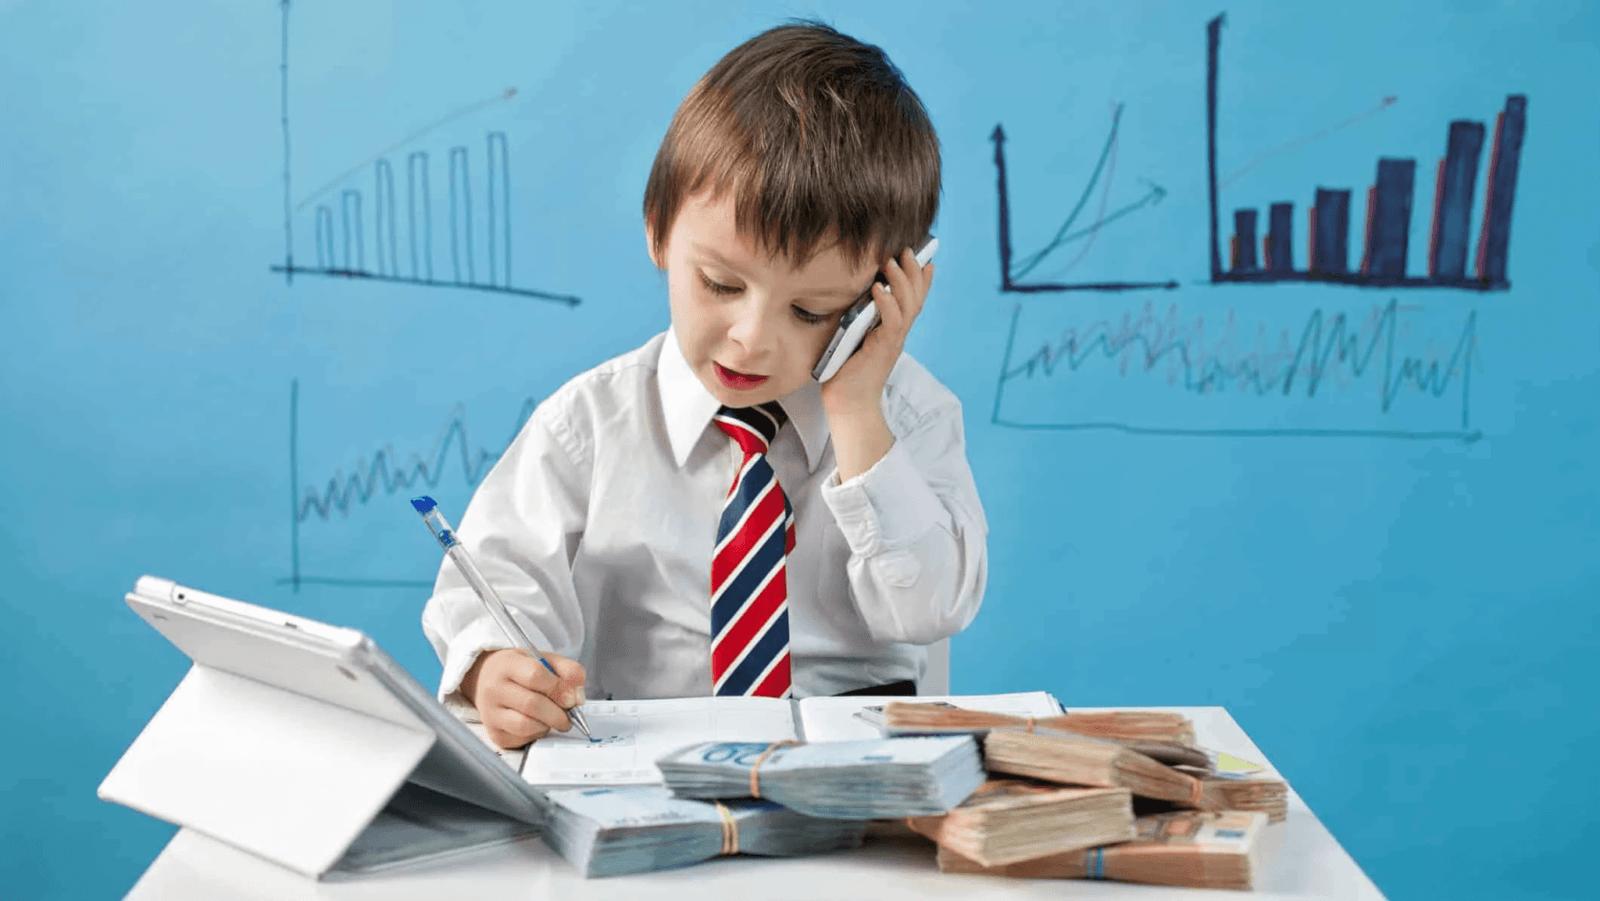 Финансовая грамотность для детей и подростков